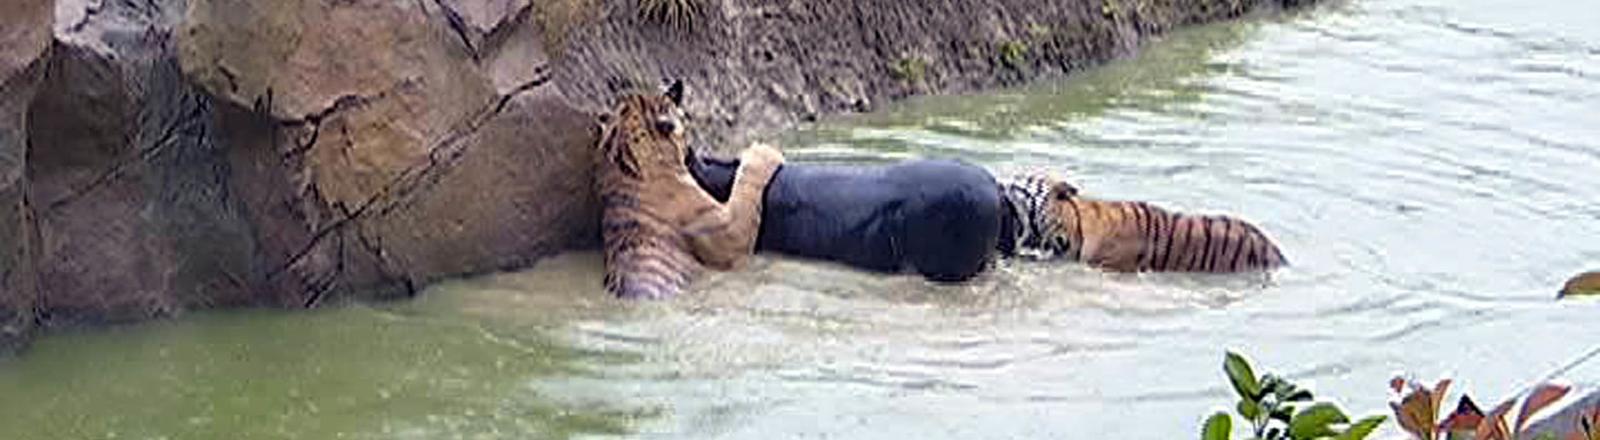 Tiger fressen einen Esel im Zoogehege